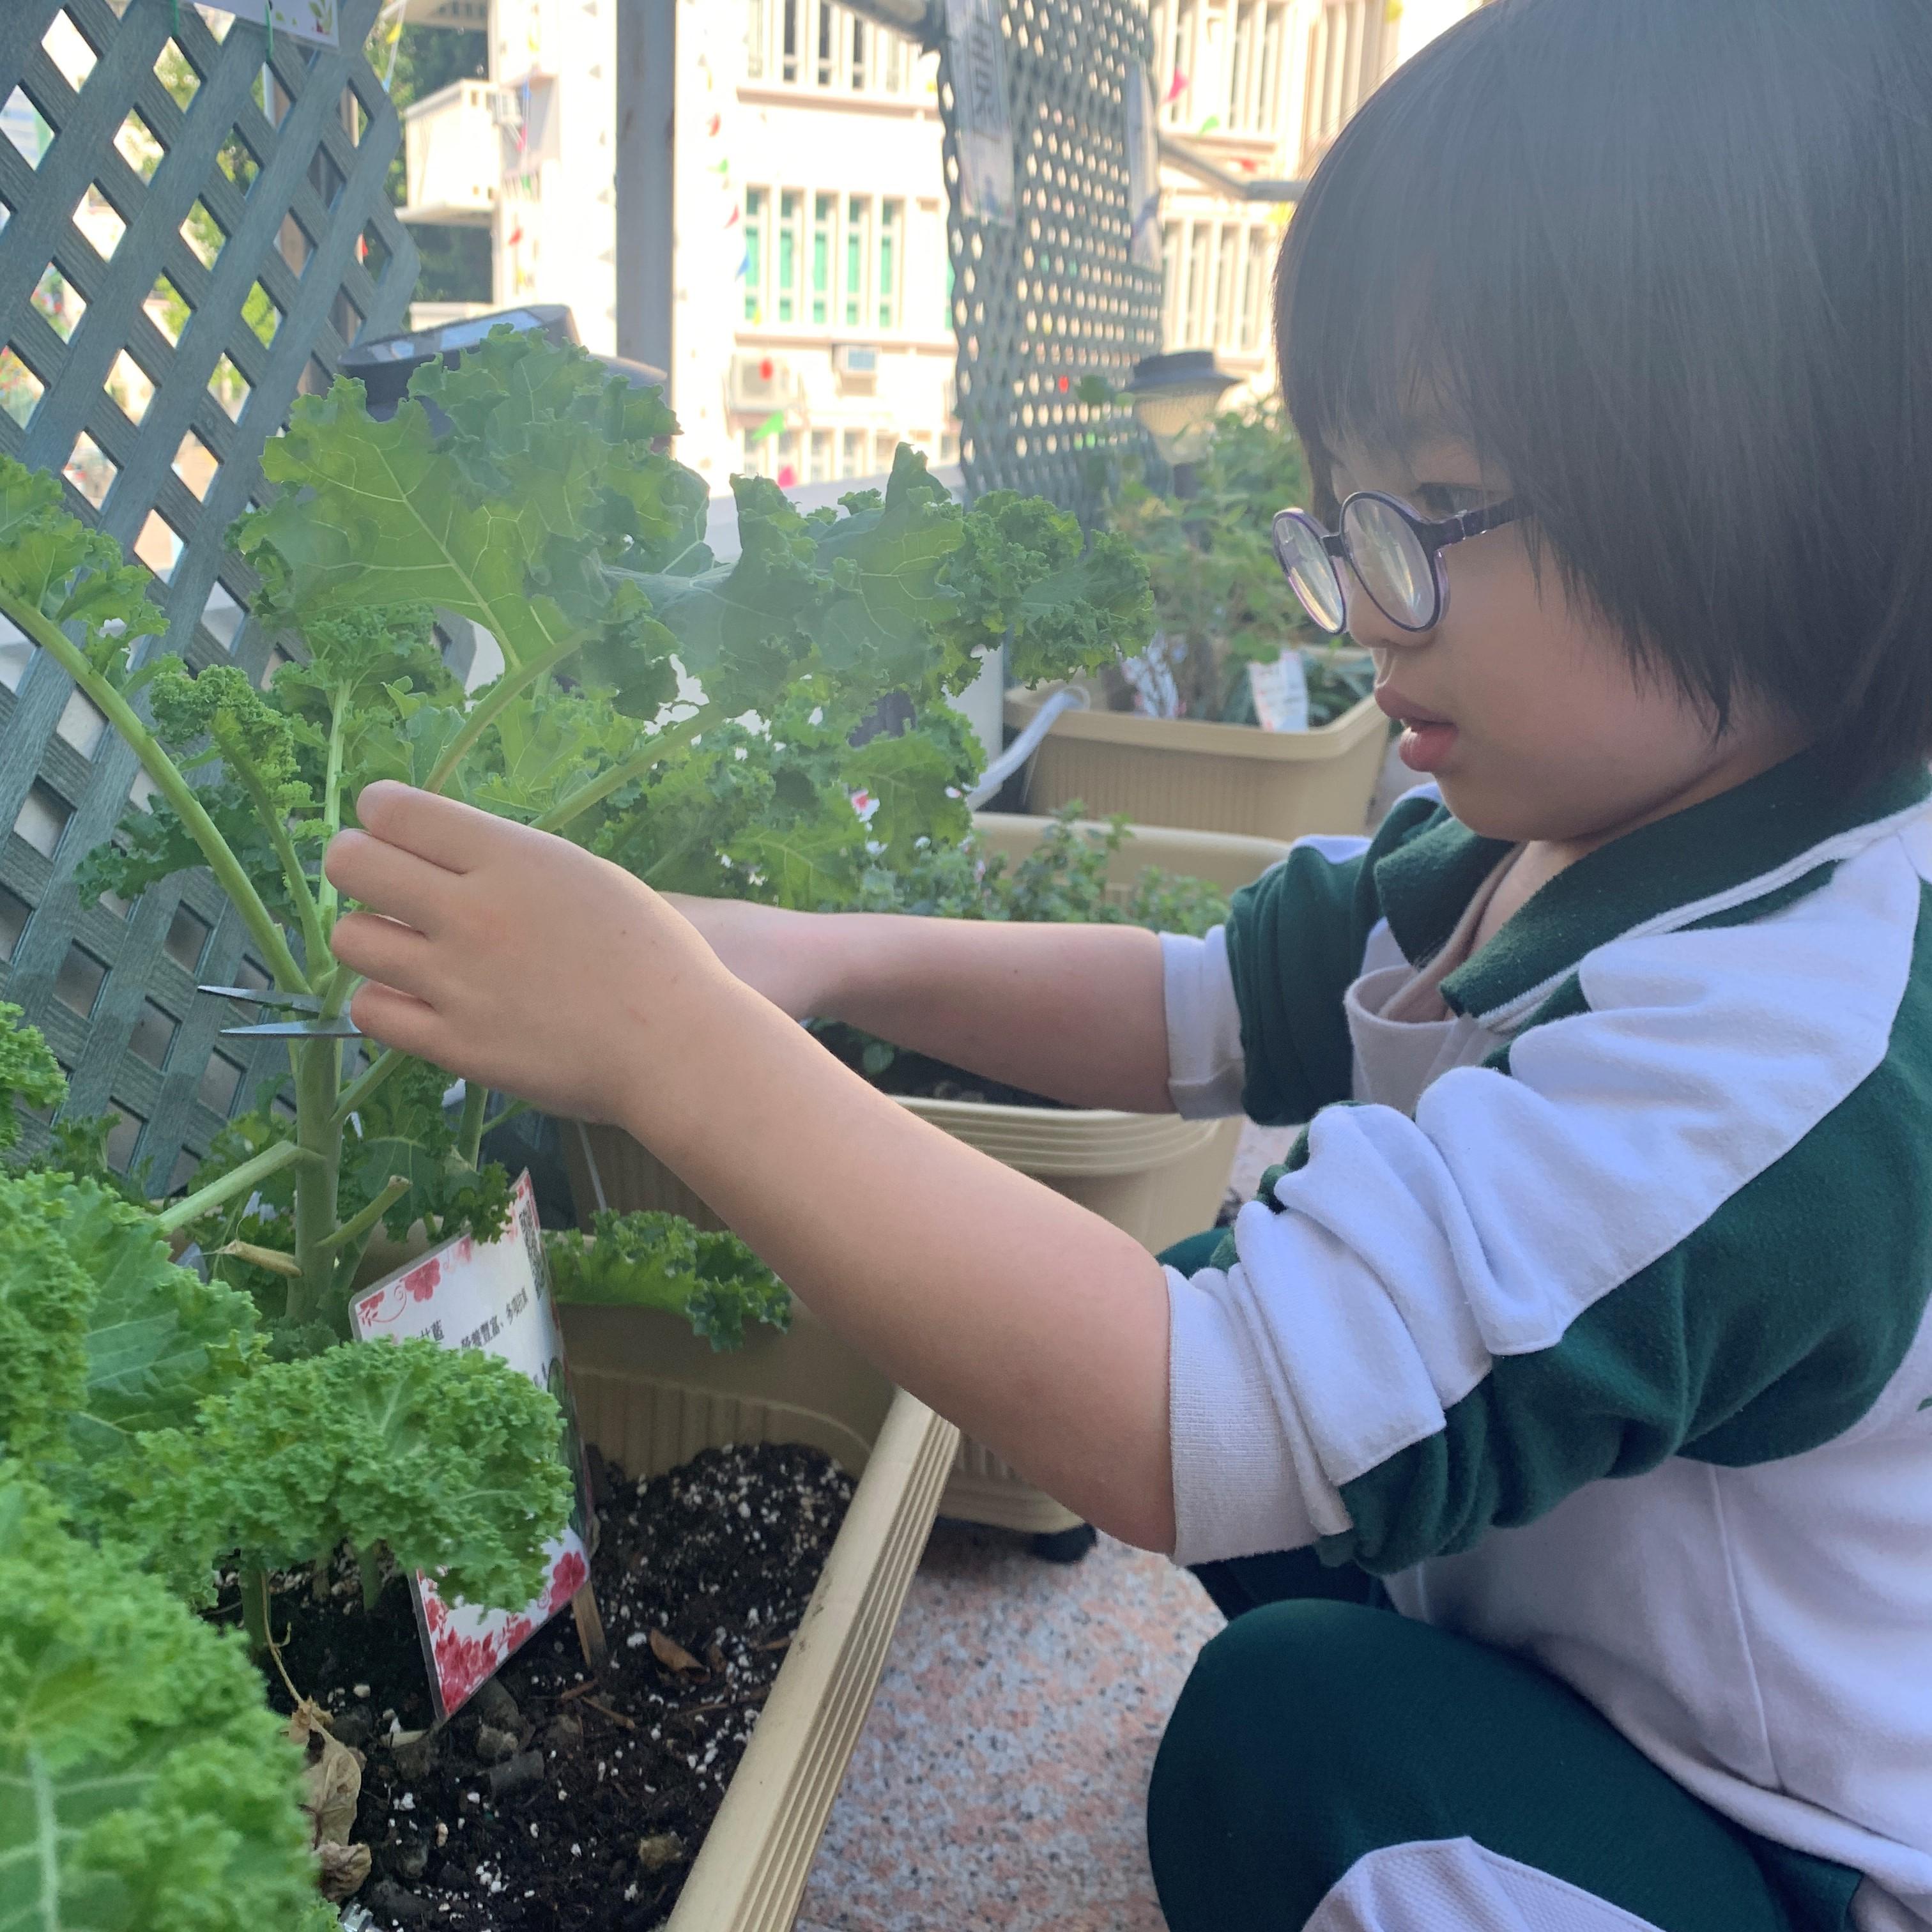 到花園剪菜